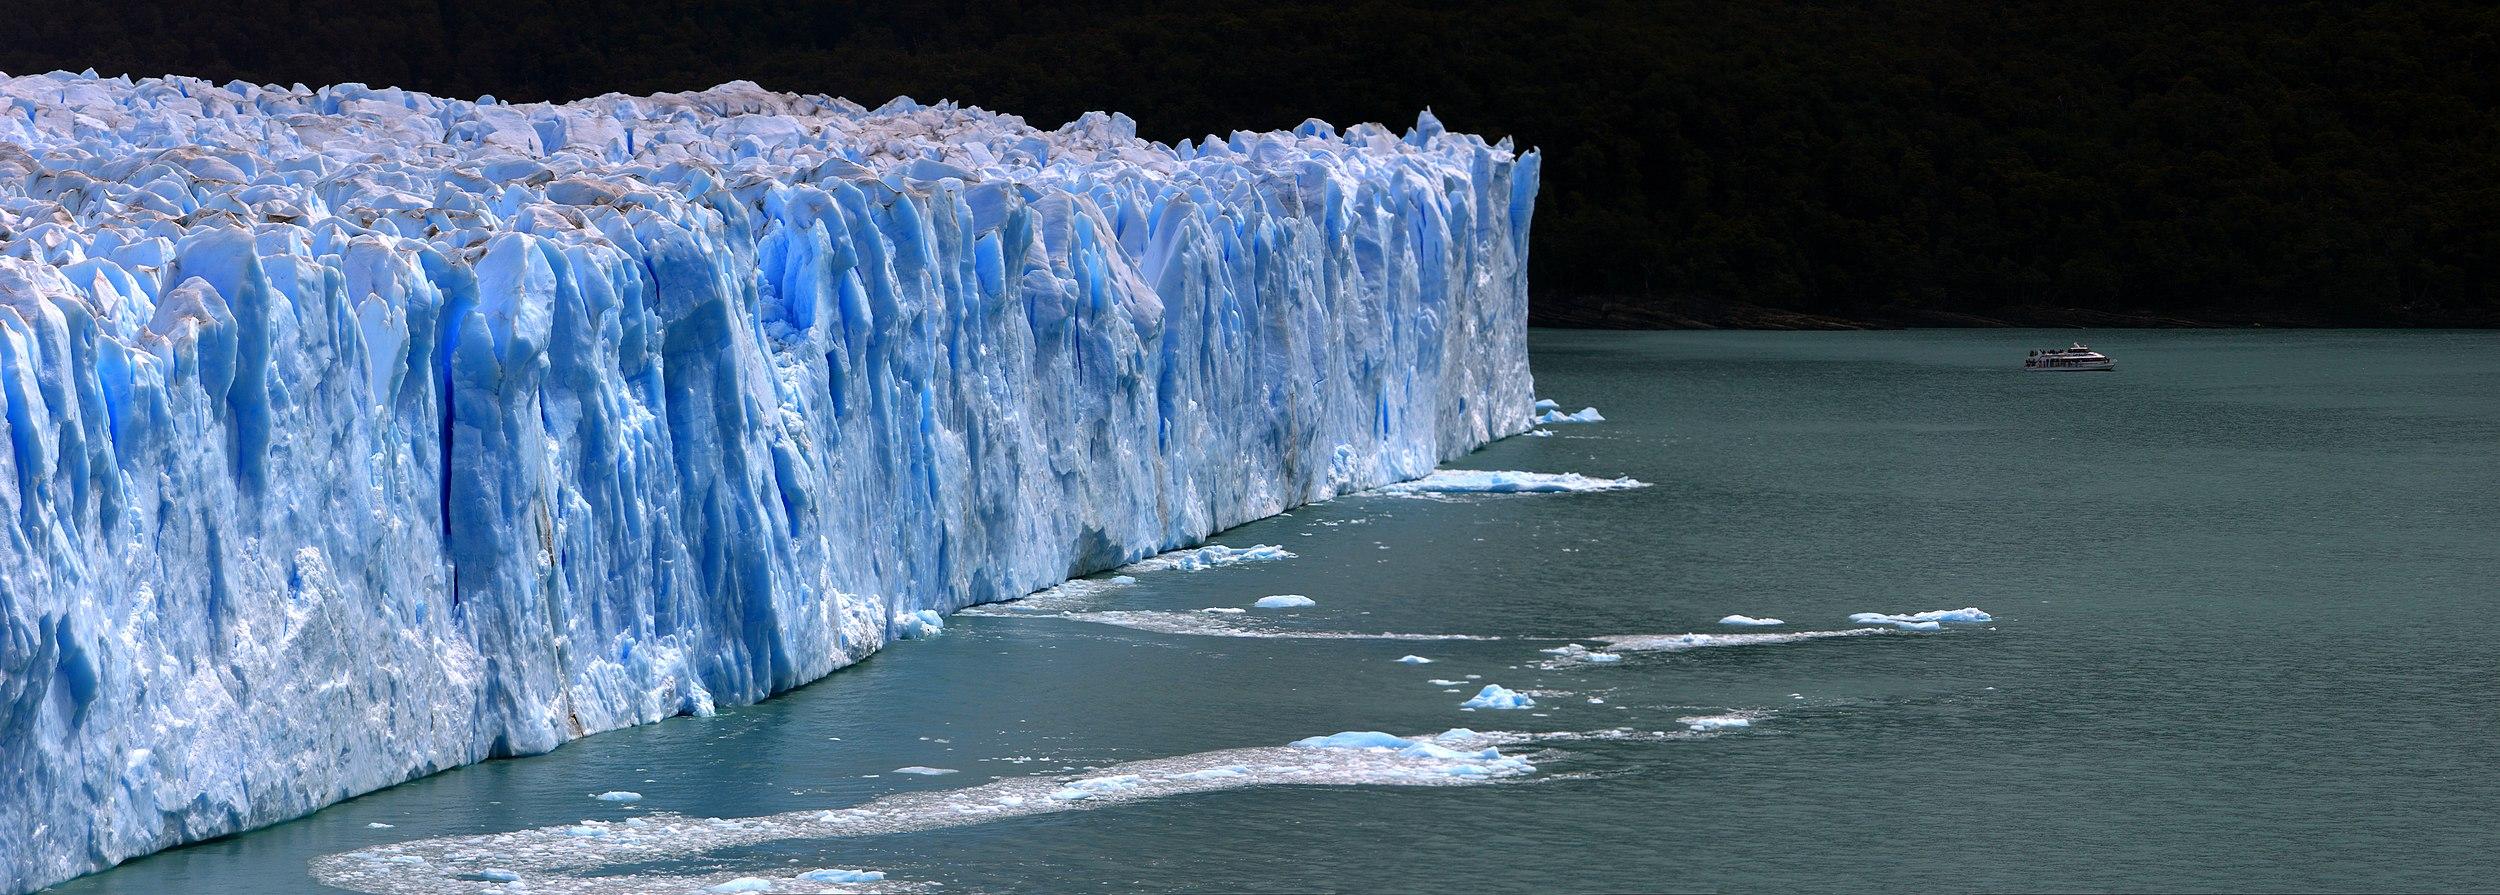 158 - Glacier Perito Moreno - Bateau et glacier - Janvier 2010.jpg